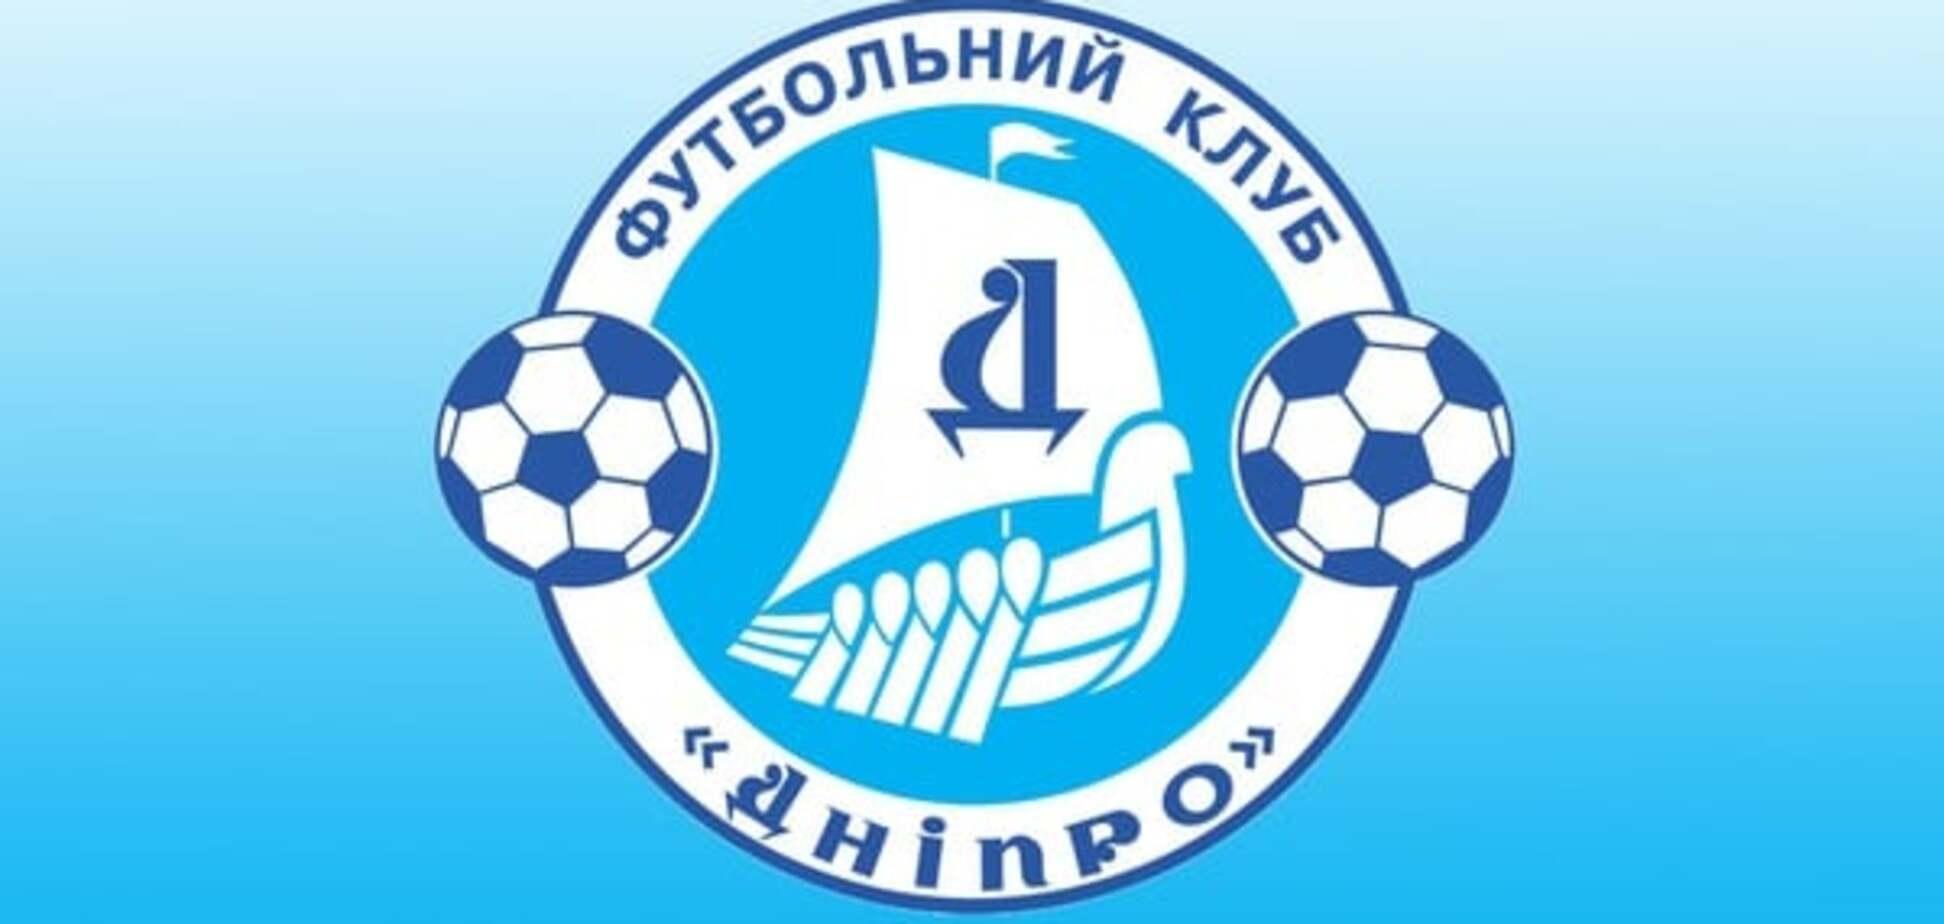 Із 'Дніпра' знімуть 18 очок у таблиці Прем'єр-ліги - ЗМІ